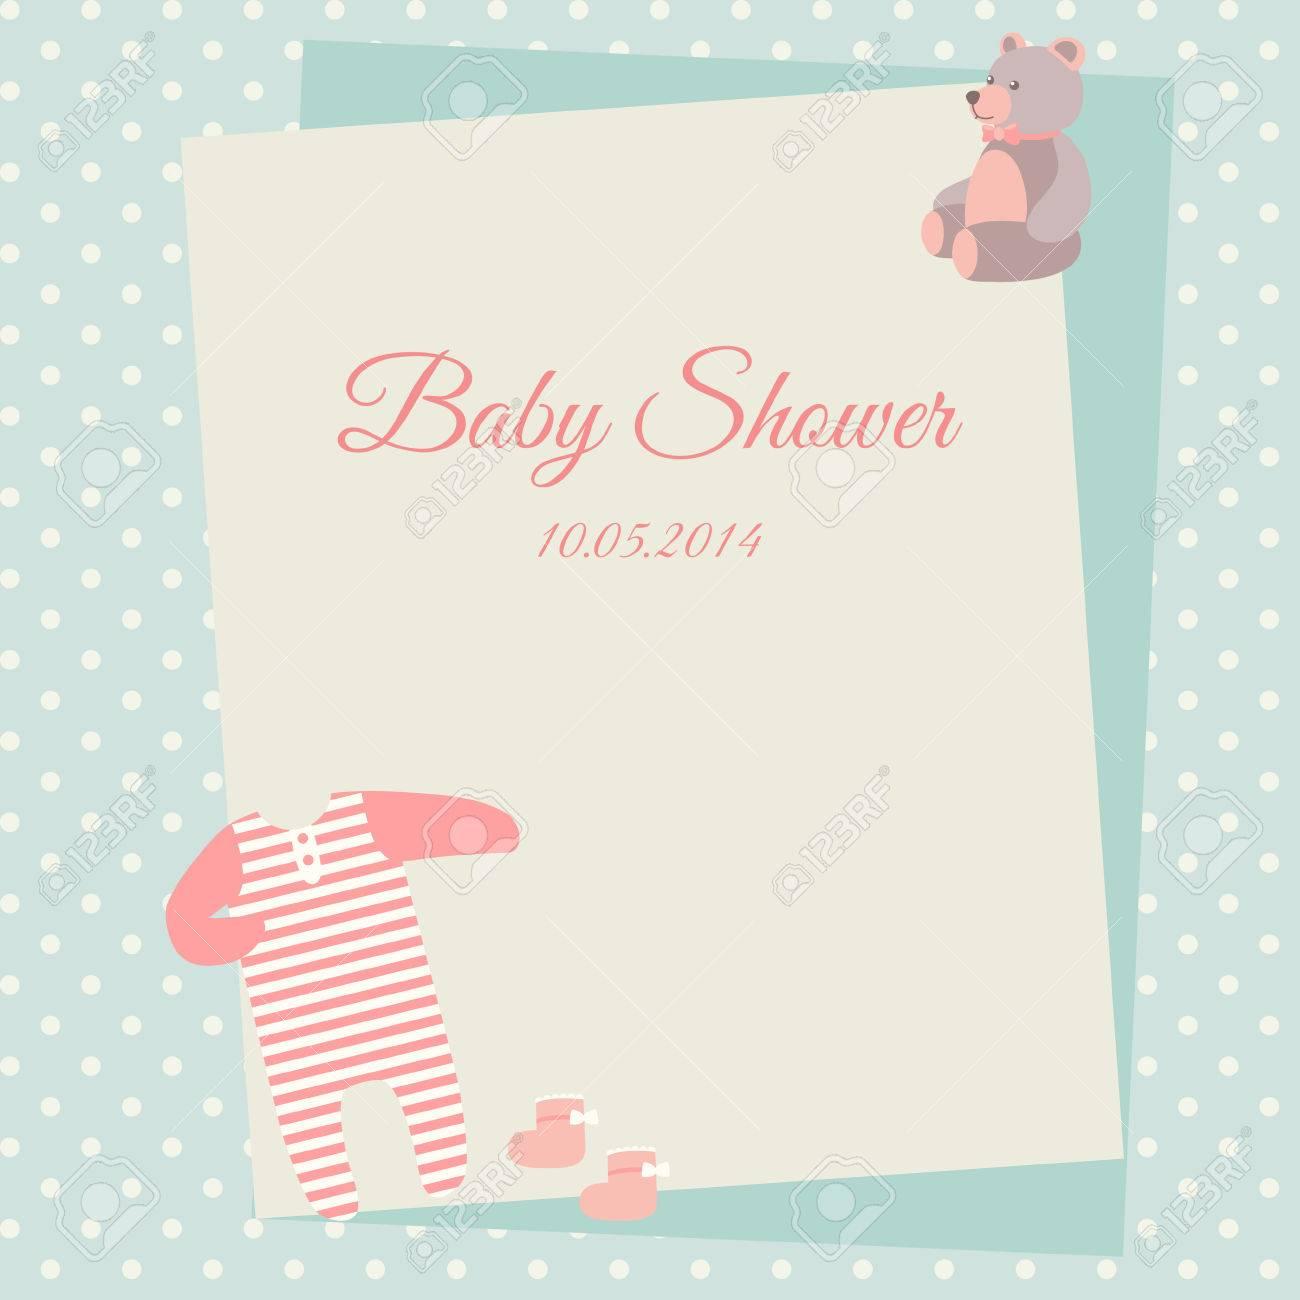 Fantastisch Baby Dusche Word Vorlage Bilder - Entry Level Resume ...